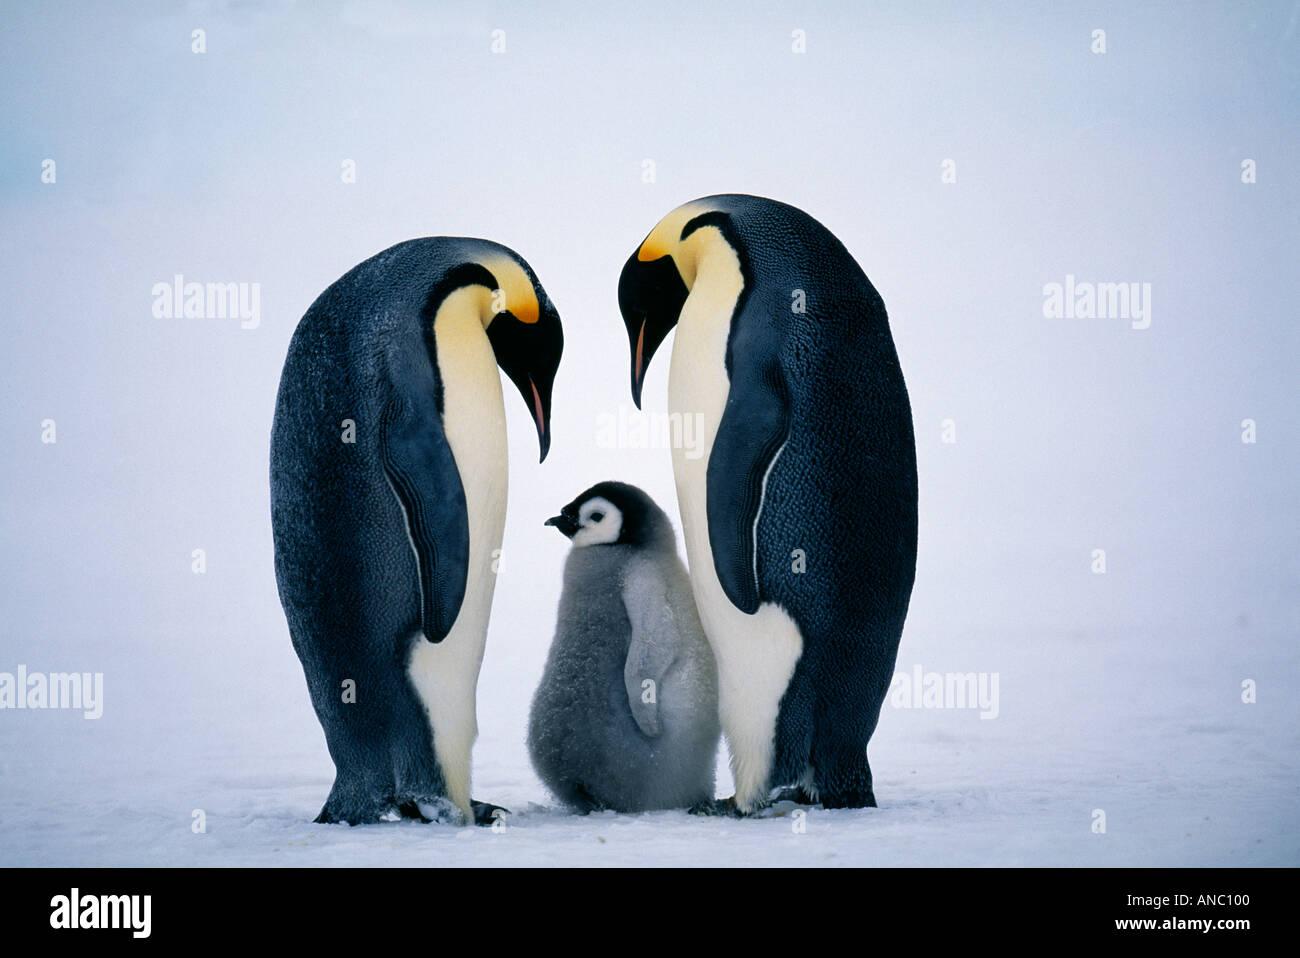 Pinguino imperatore Aptenodytes forsteri coppia con pulcino famiglia Dawson Lambton Glacier mare di Weddell Antartide di novembre Immagini Stock